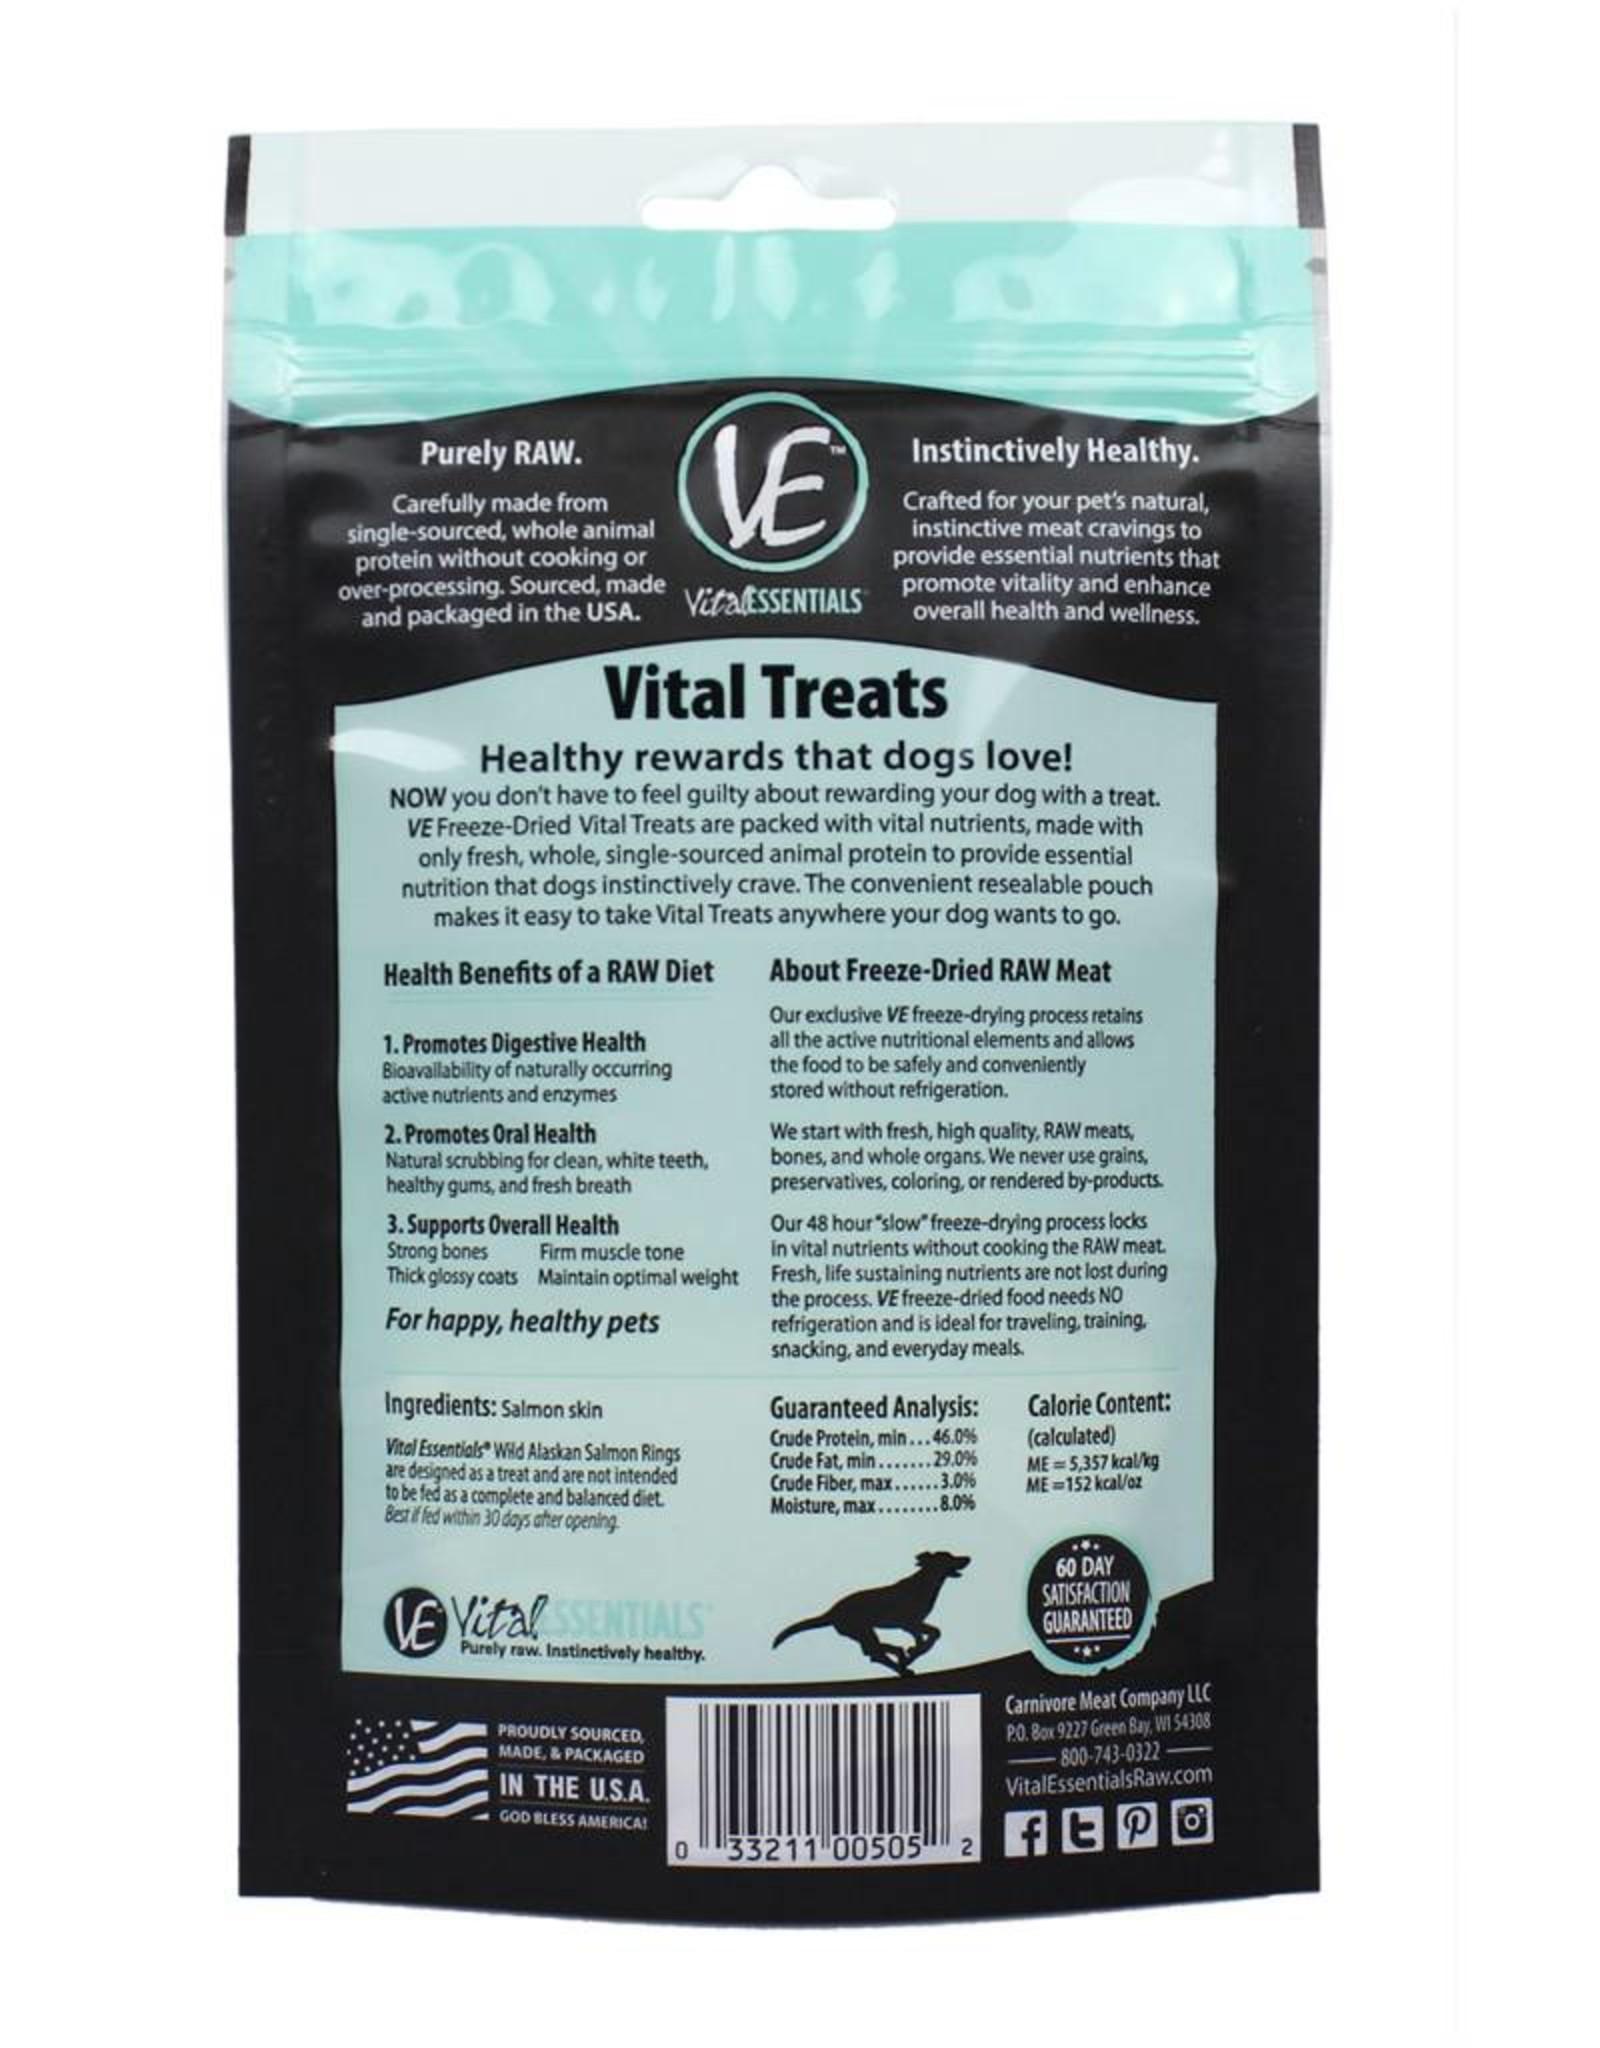 Vital Essentials Vital Essentials Dog Treat Wild Alaskan Salmon Rings 2.5 oz